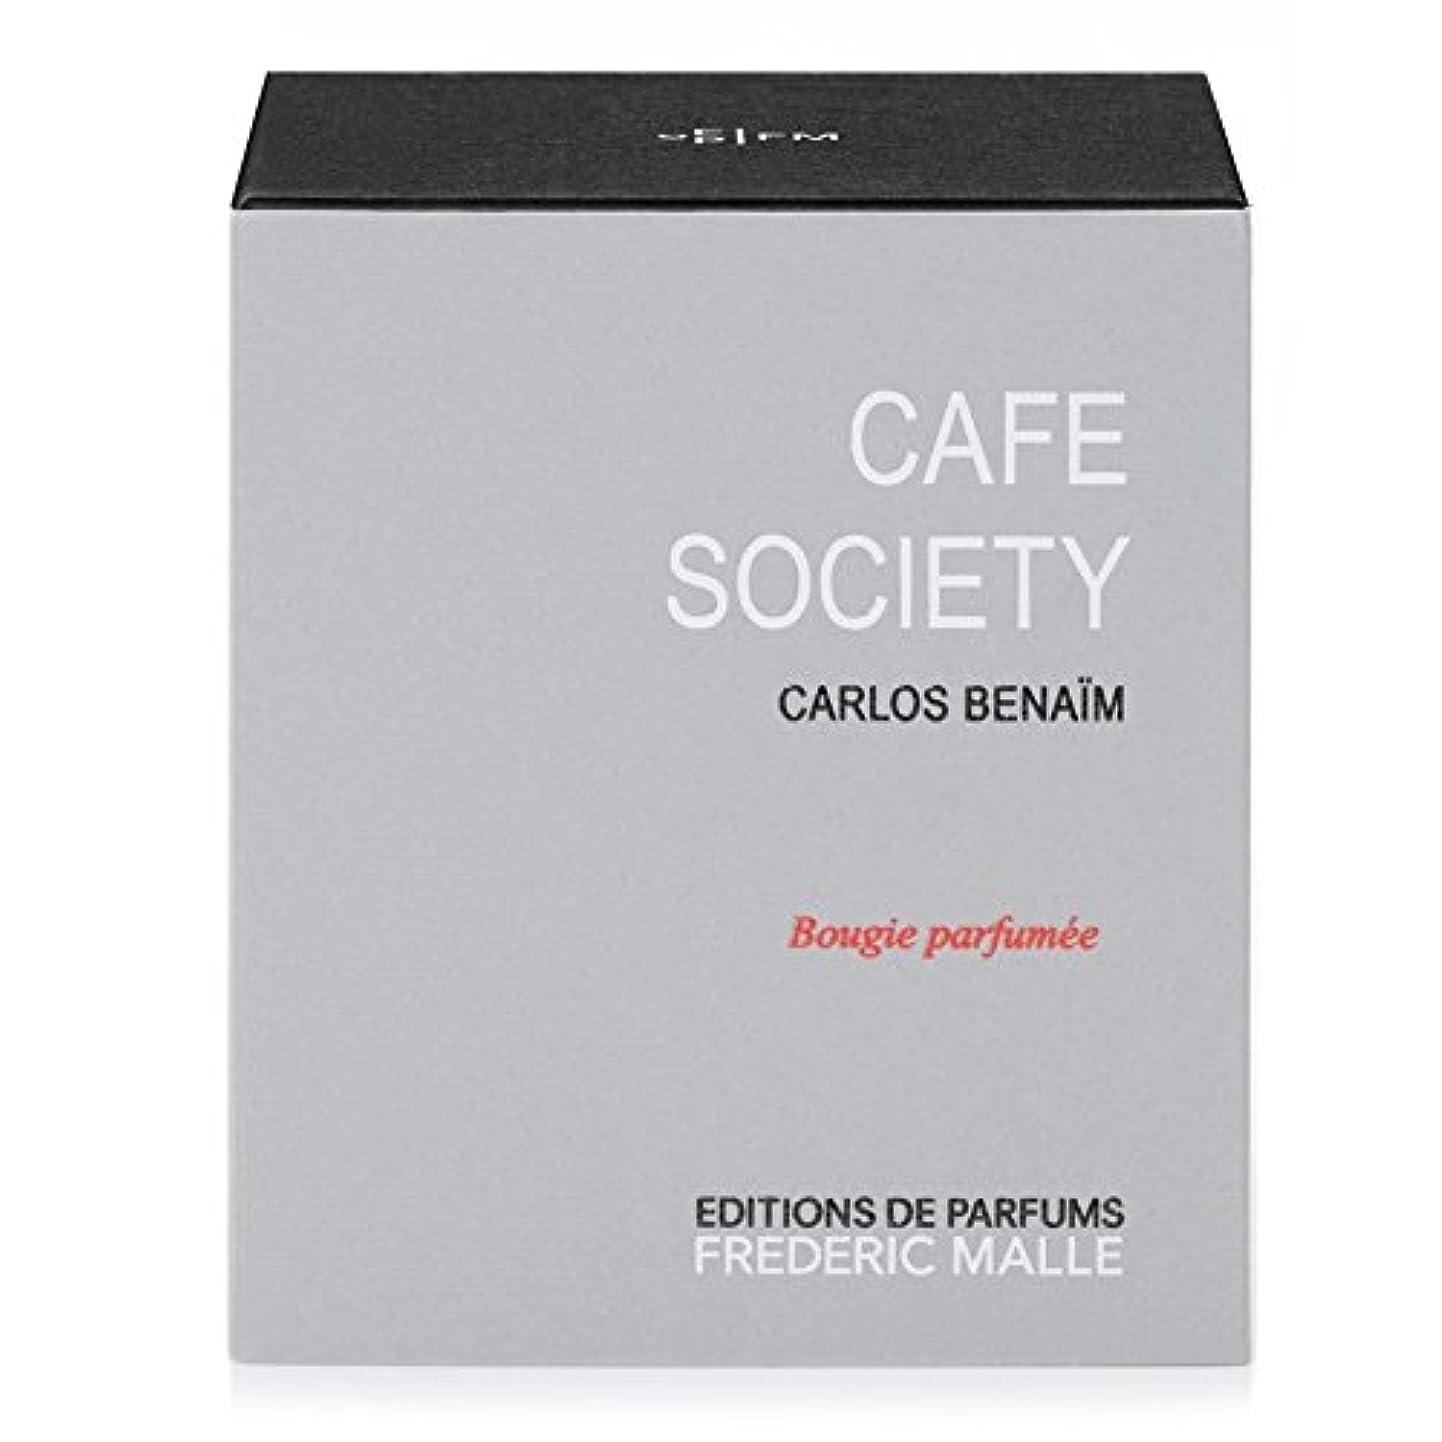 壮大区別する移行Frederic Malle Cafe Society Scented Candle 220g (Pack of 4) - フレデリック?マルカフェ社会の香りのキャンドル220グラム x4 [並行輸入品]